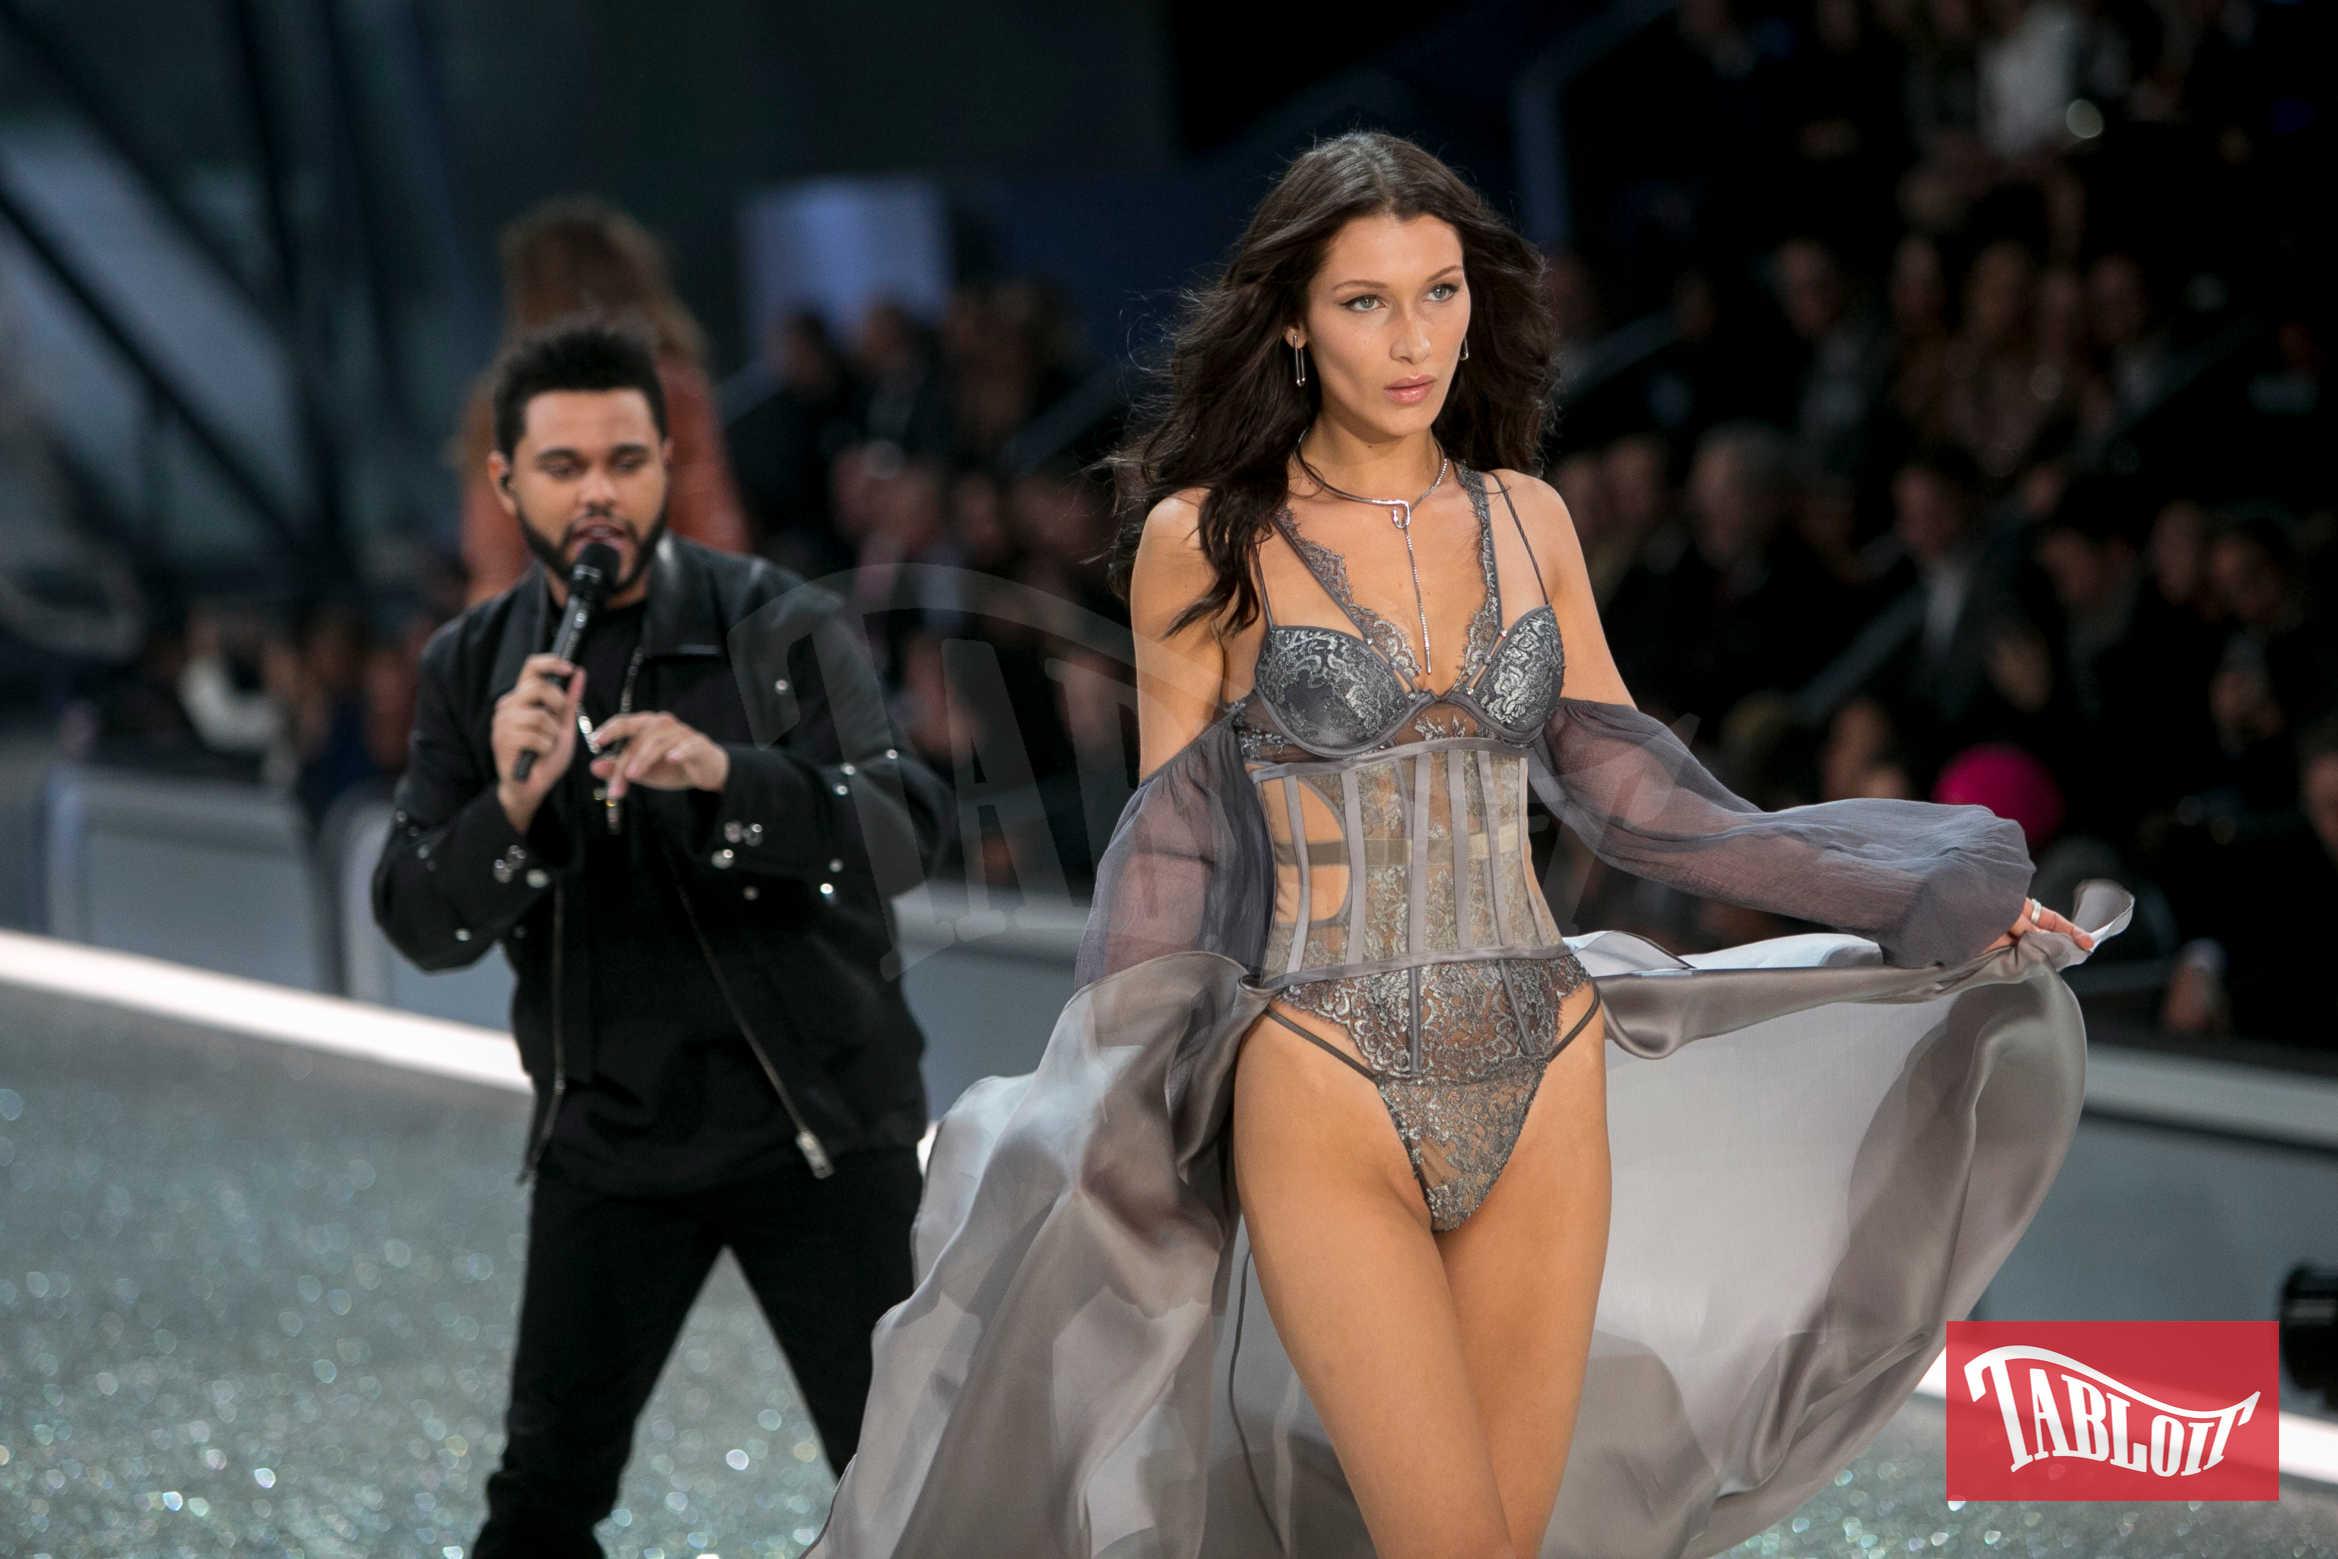 Bella Hadid a fine novembre 2016 sfila sulla passerella del Victoria's Secret Fashion Show a Parigi. Lei e The Weeknd, chiamato a cantare alla sfilata, si erano lasciati da poco ma avevano mantenuto ottimi rapporti